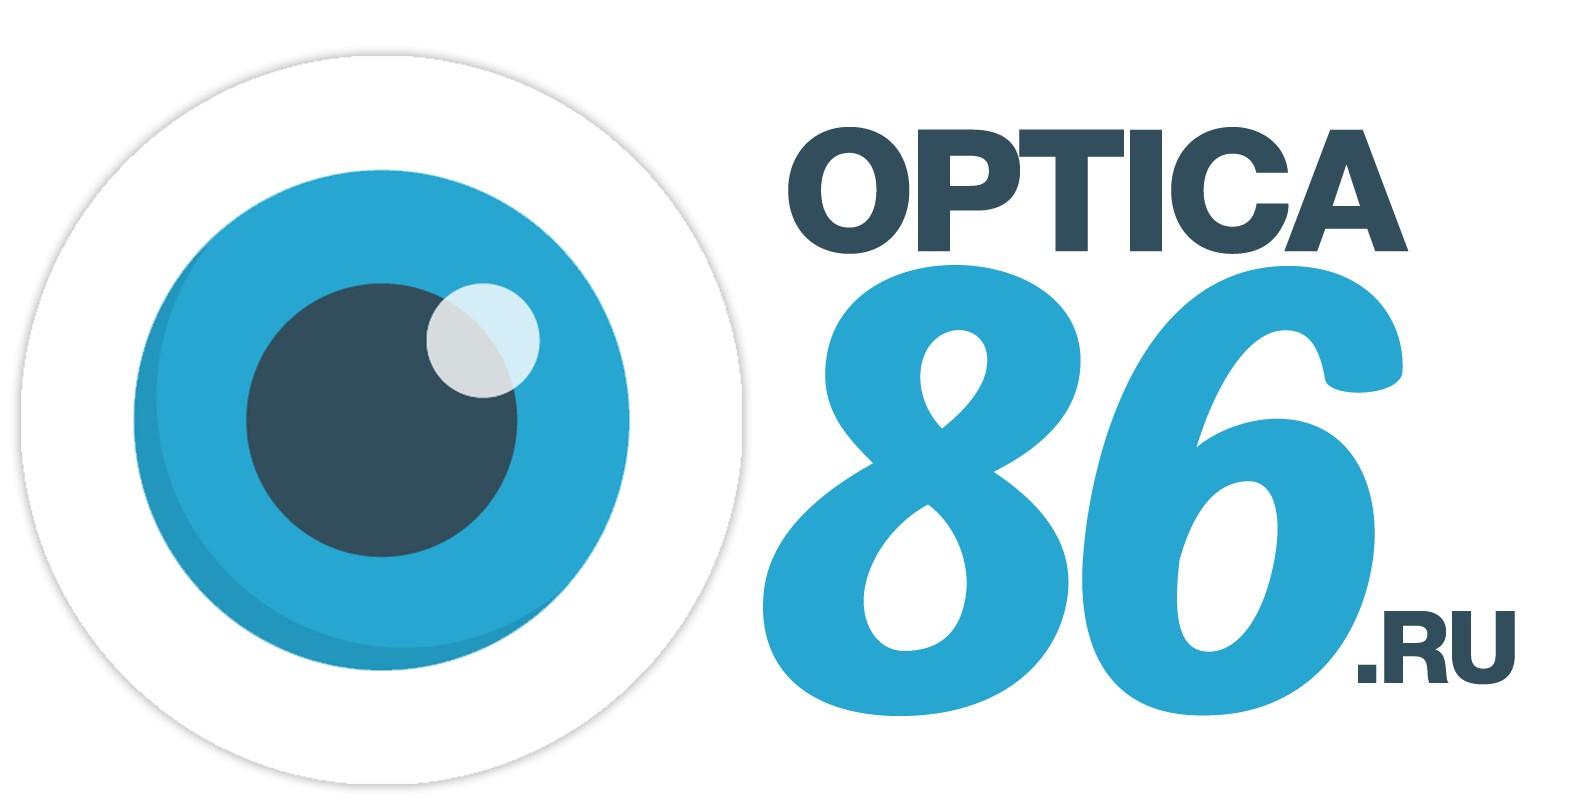 Optica86.ru